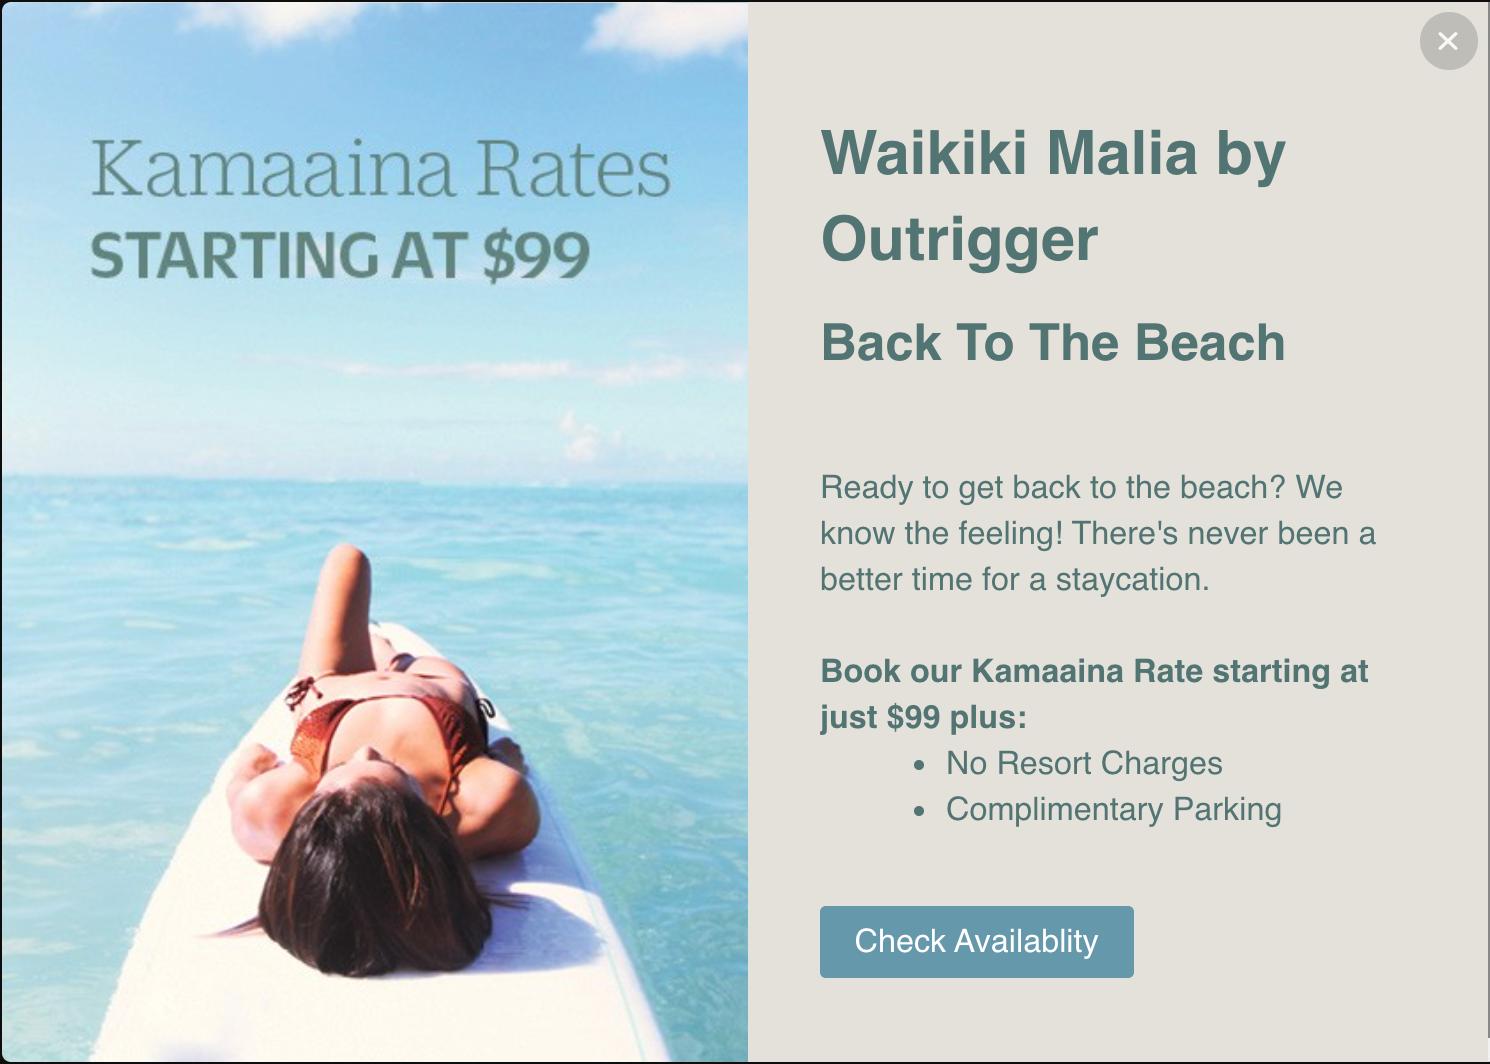 waiki-malia-offer